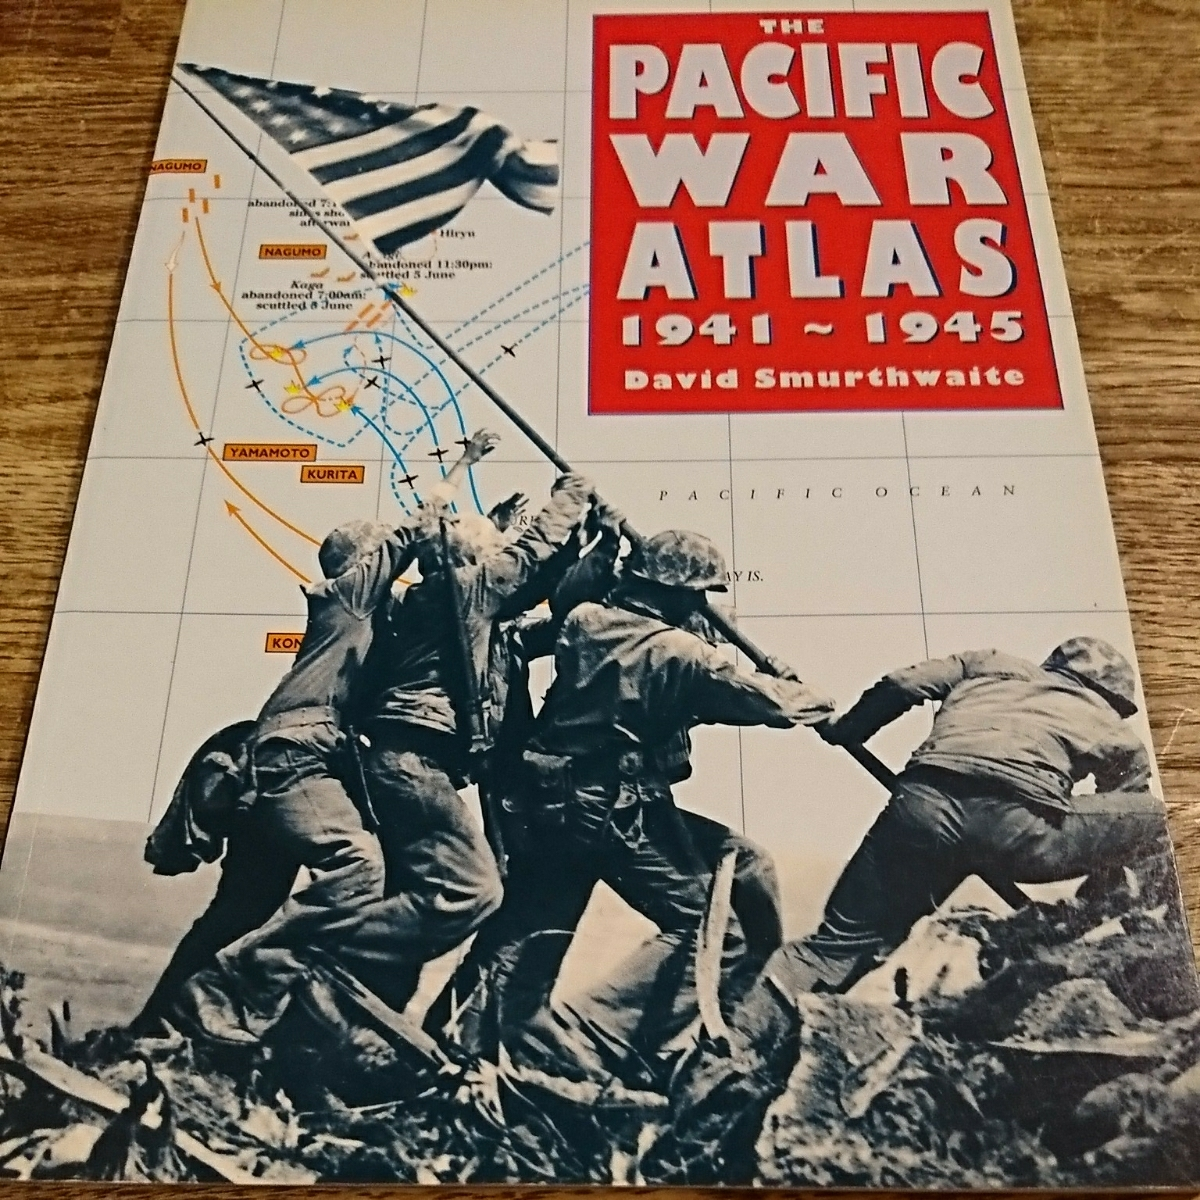 foreign book The Pacific War Atlas 1941-1945 futoshi flat   war map